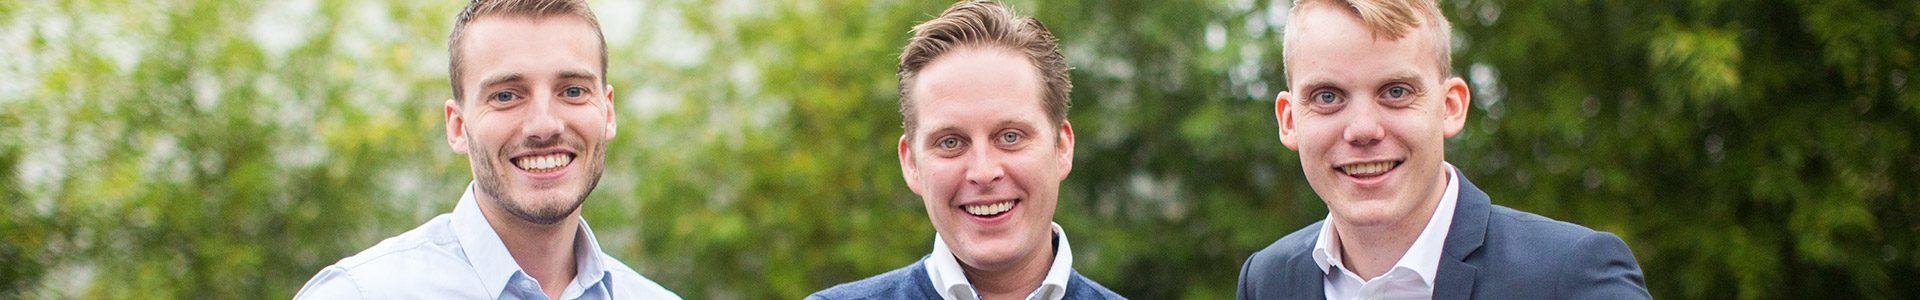 focus-ligt-op-online-interview-gerben-lievers